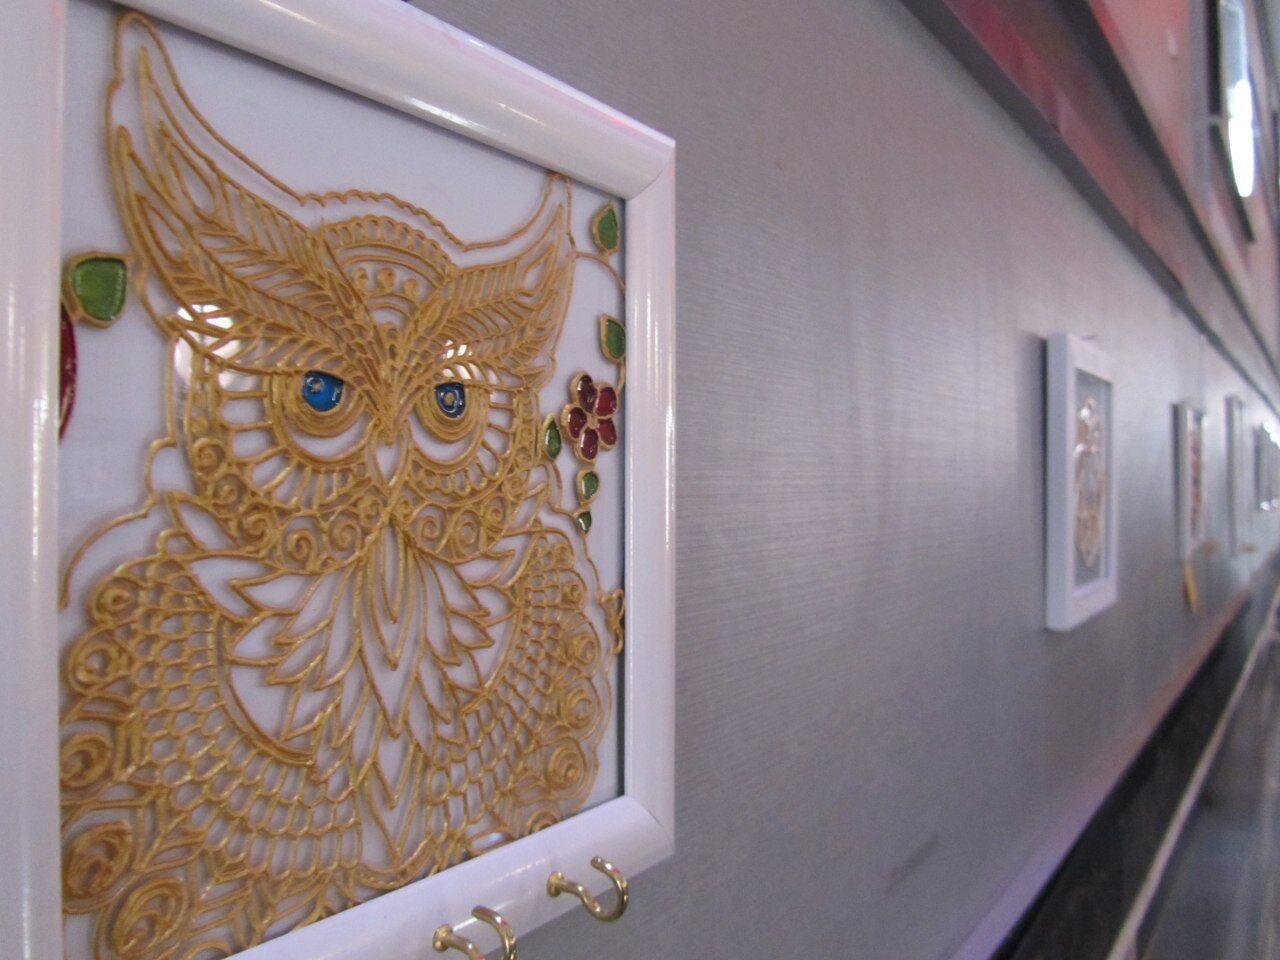 نمایشگاه ویترای برای نخستین بار در کنگاور گشایش یافت